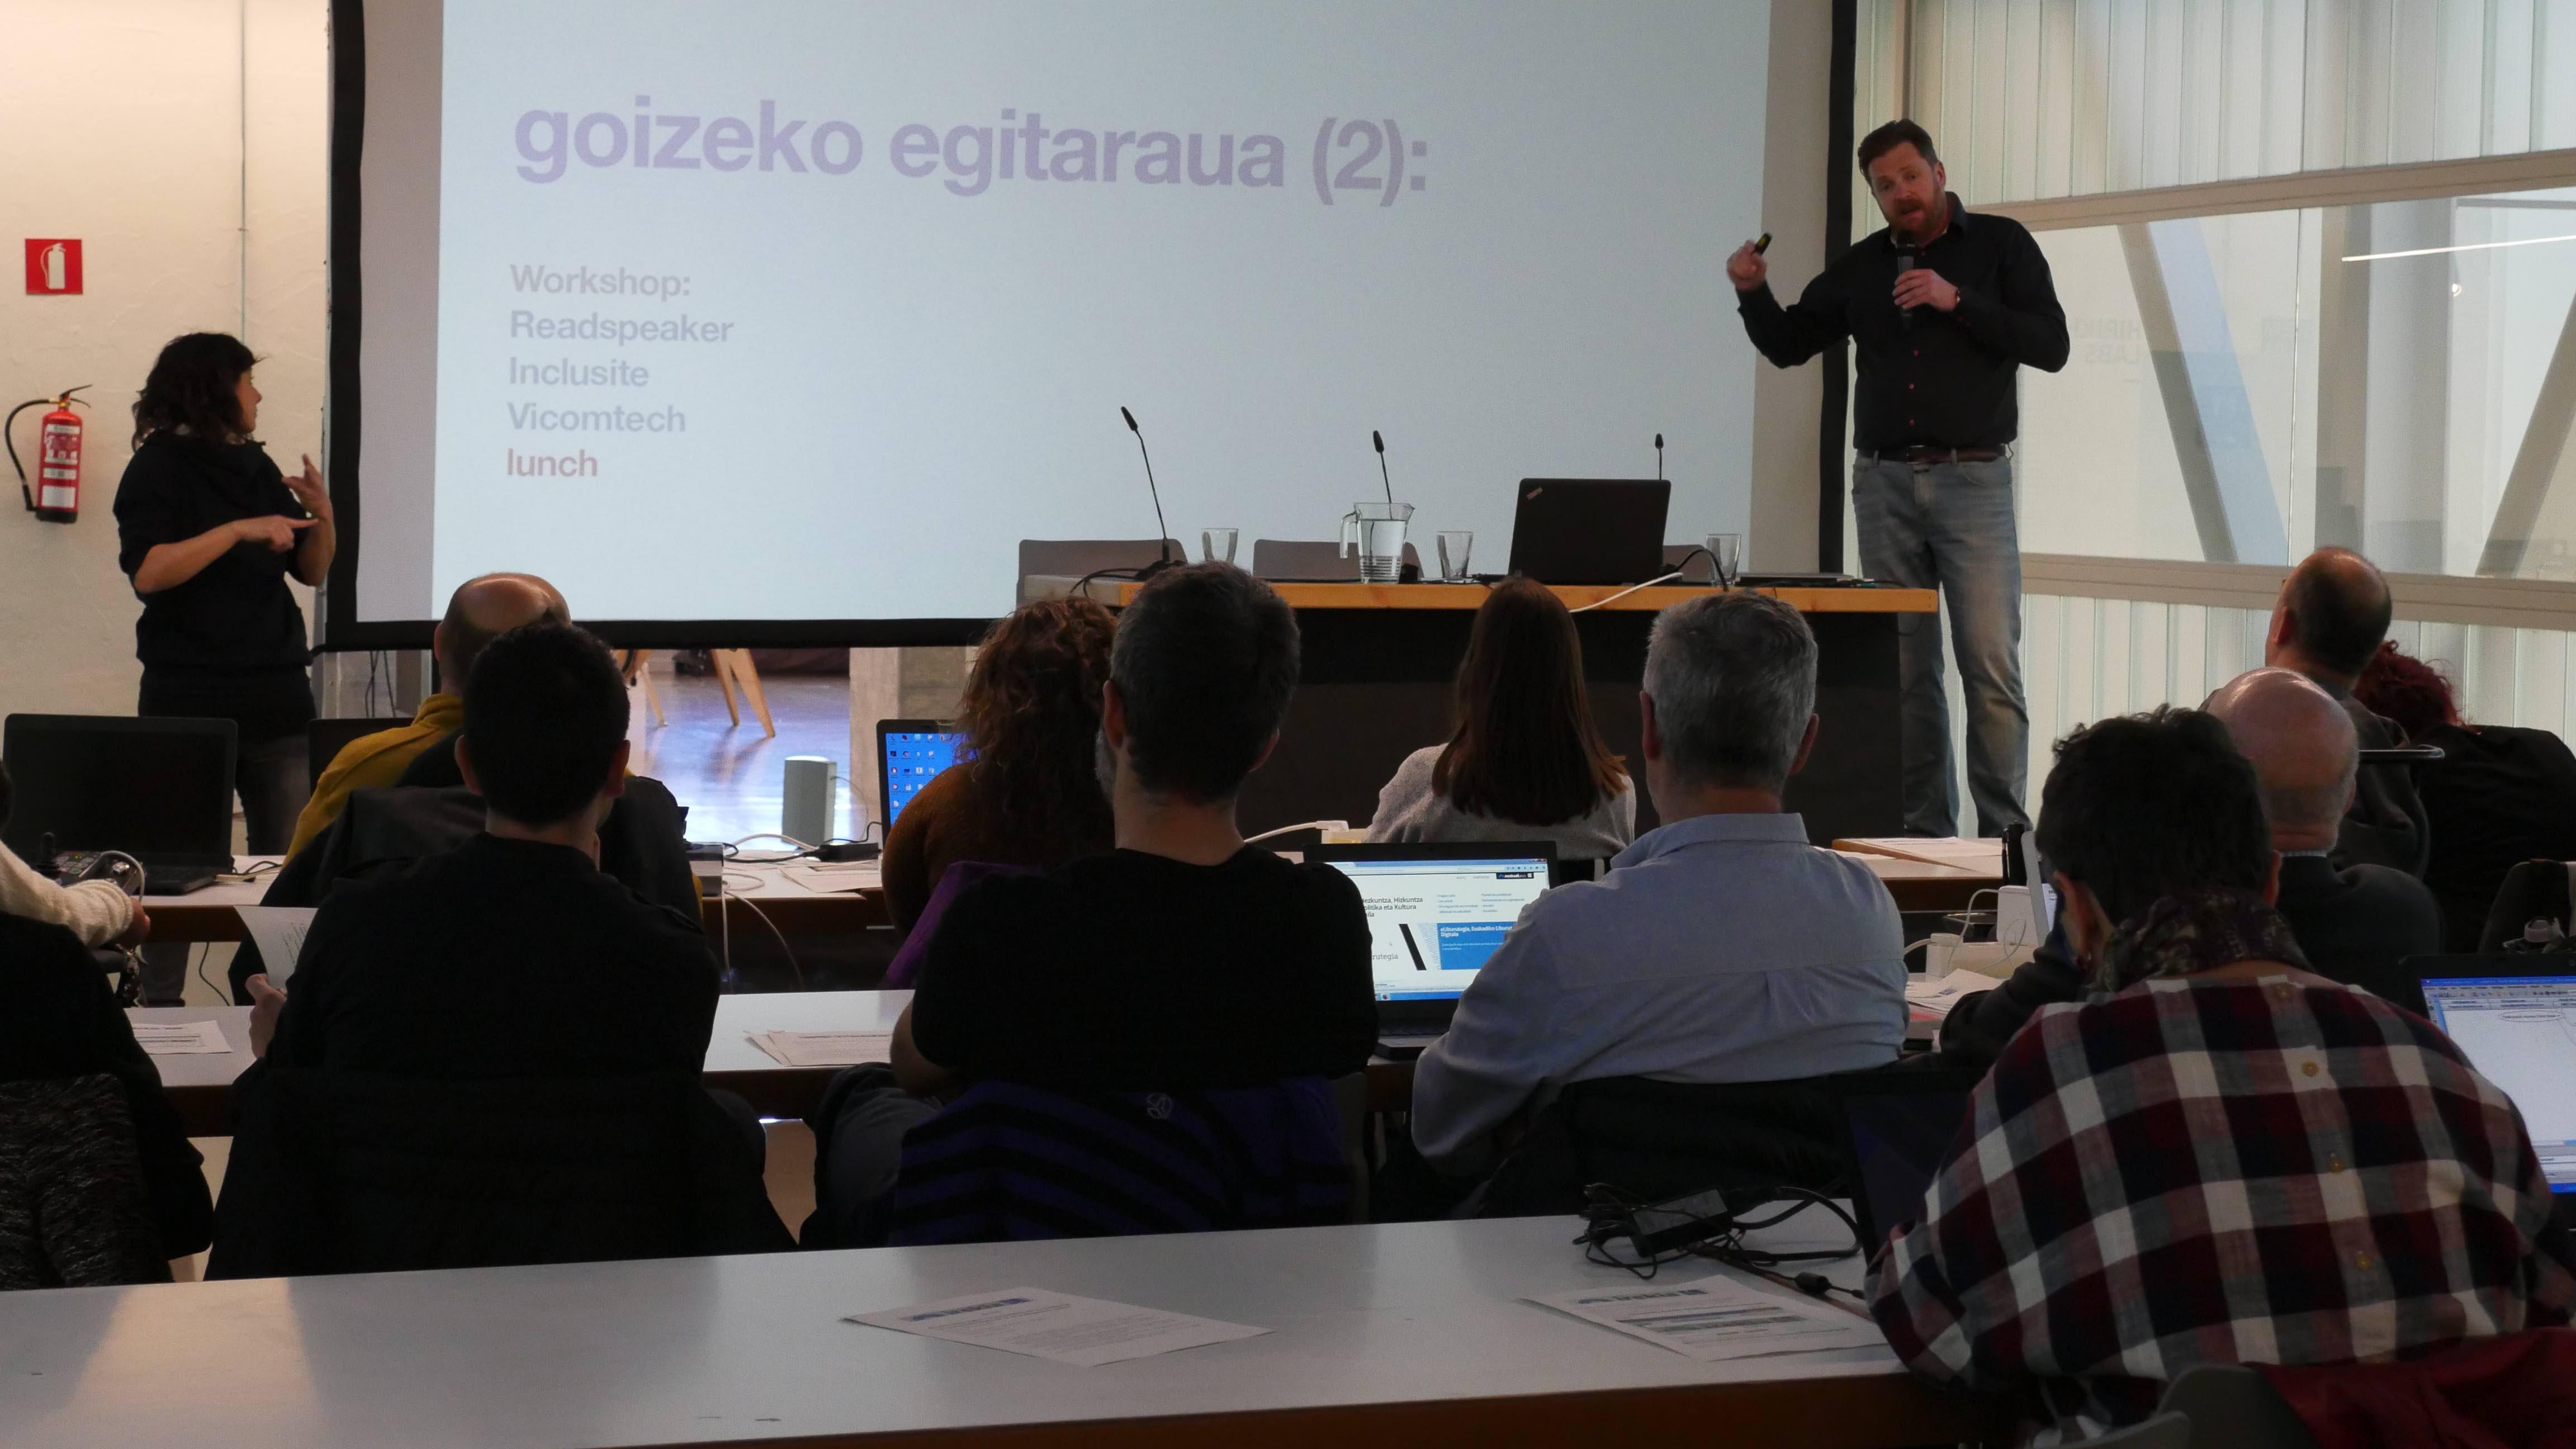 Irekia incorpora soluciones tecnológicas para que la ciudadanía con diversidad funcional pueda interactuar en la participación online